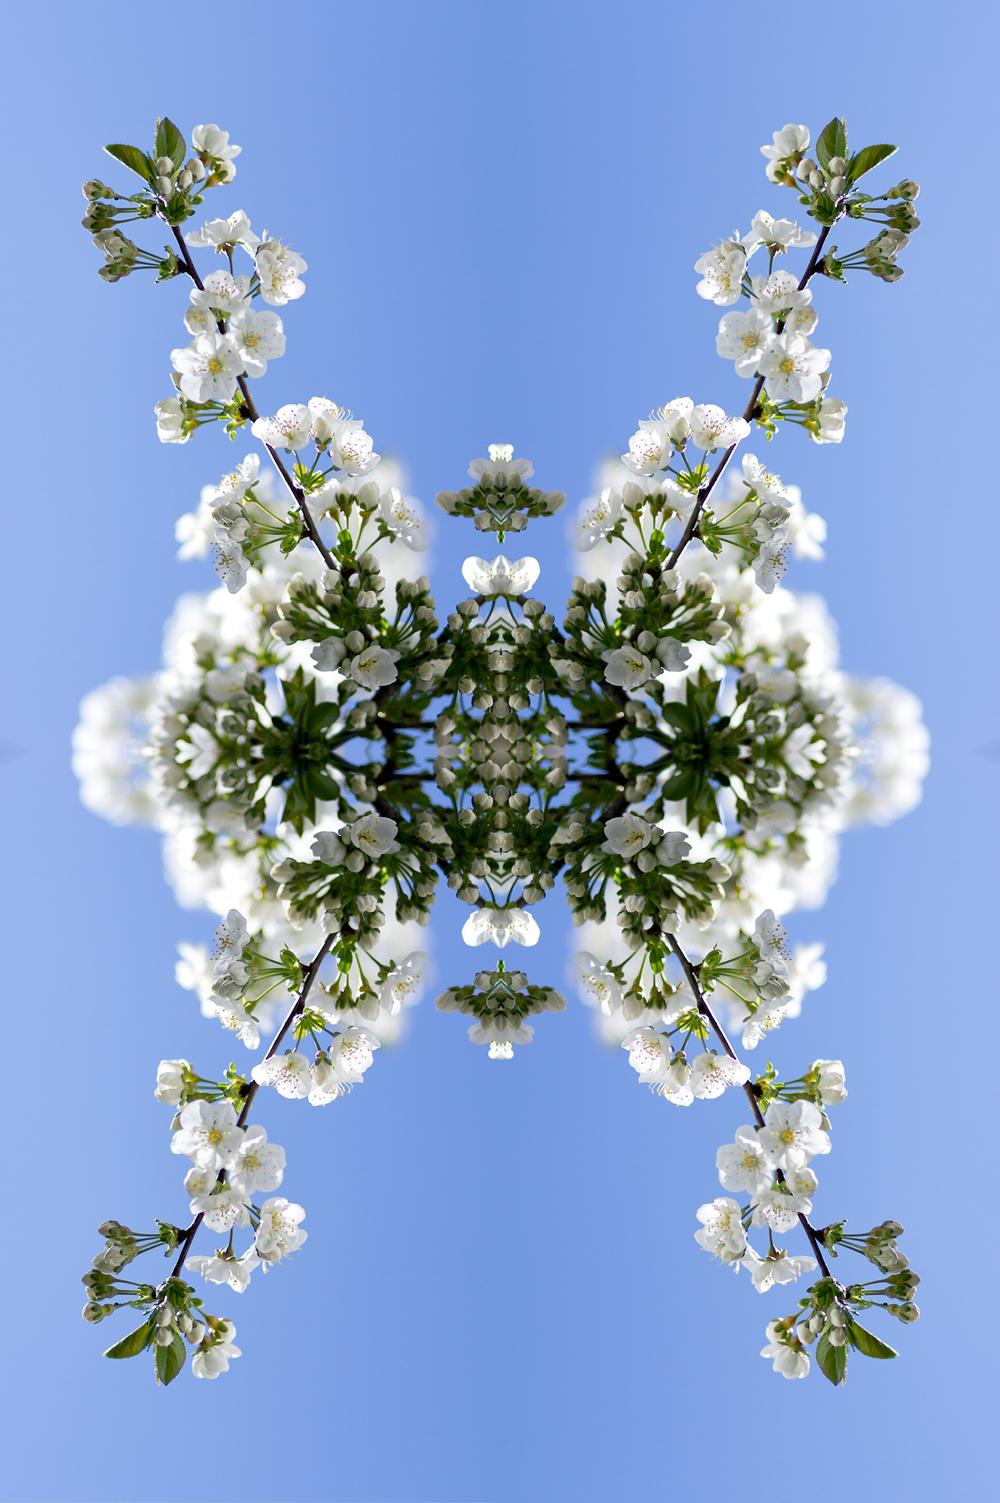 Kirschblütevierer02flatten.jpg